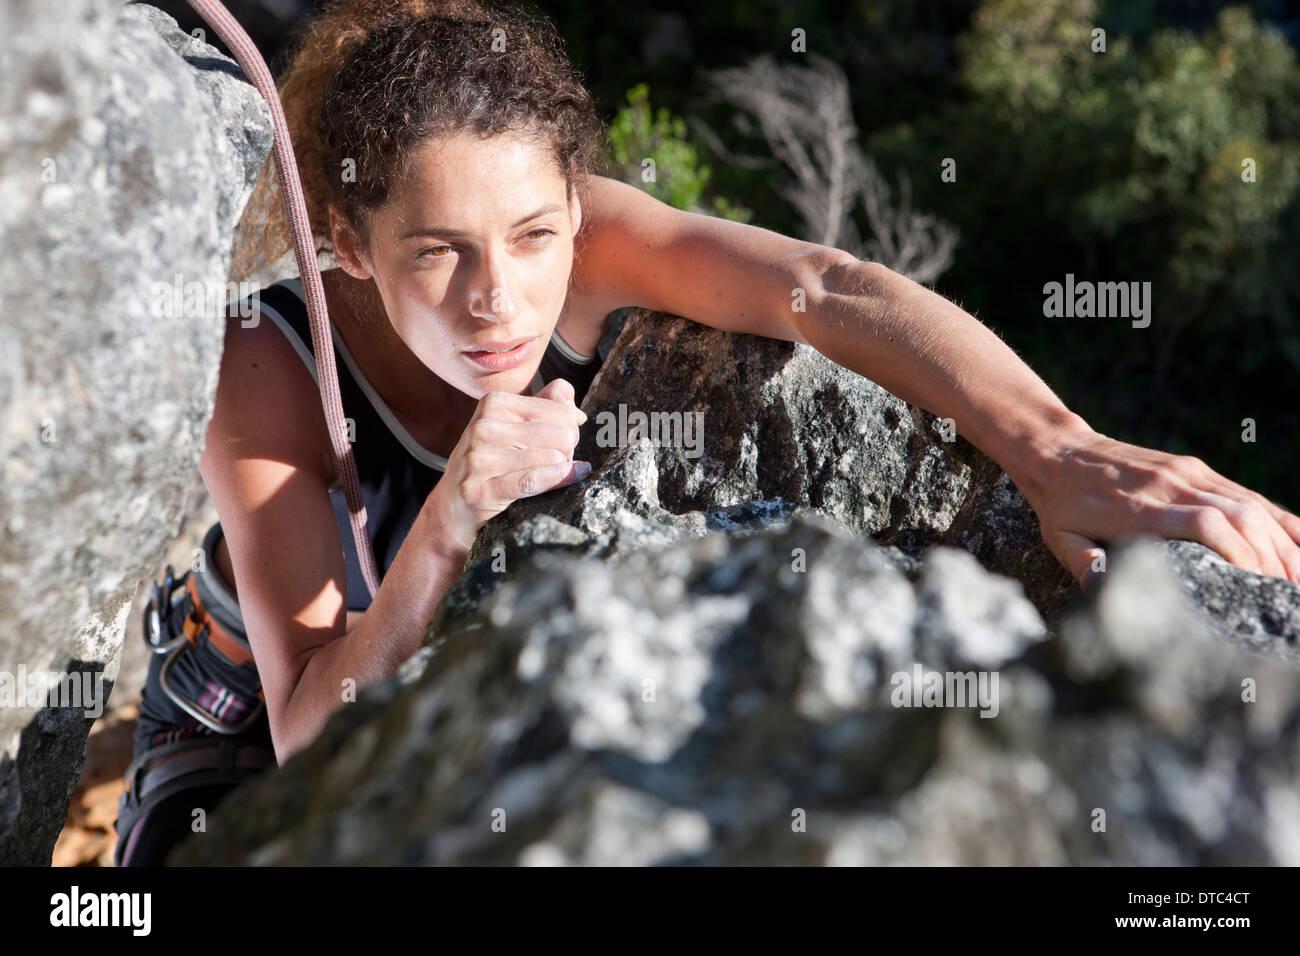 Junge weibliche Kletterer Felswand hochschieben Stockbild